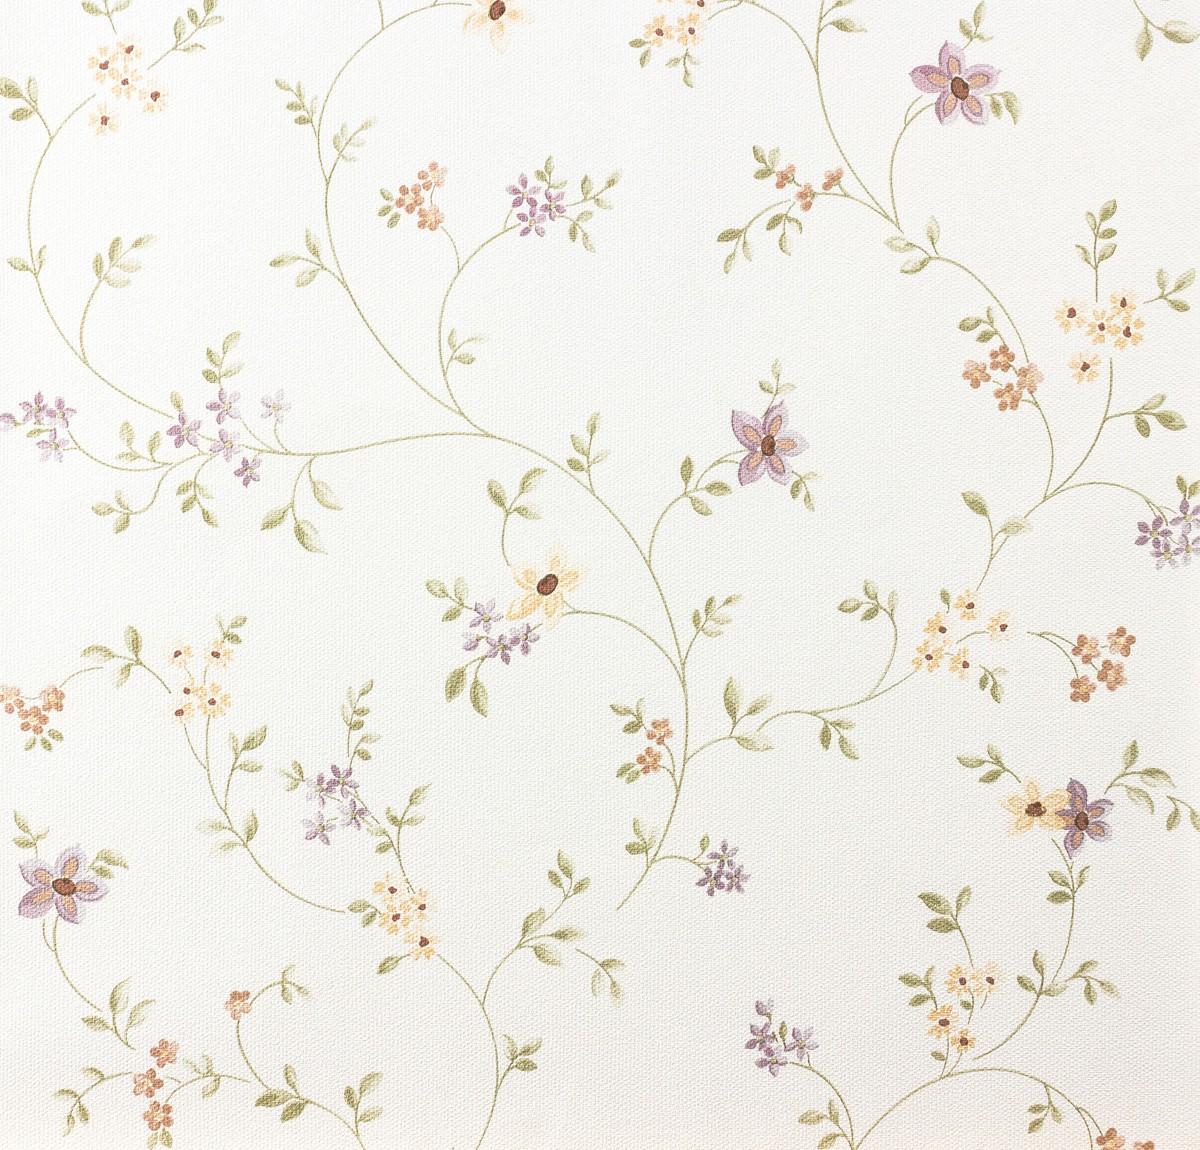 Fleuri Pastel Vliestapete Landhaus 93770-1 937701 Blumenranke ...